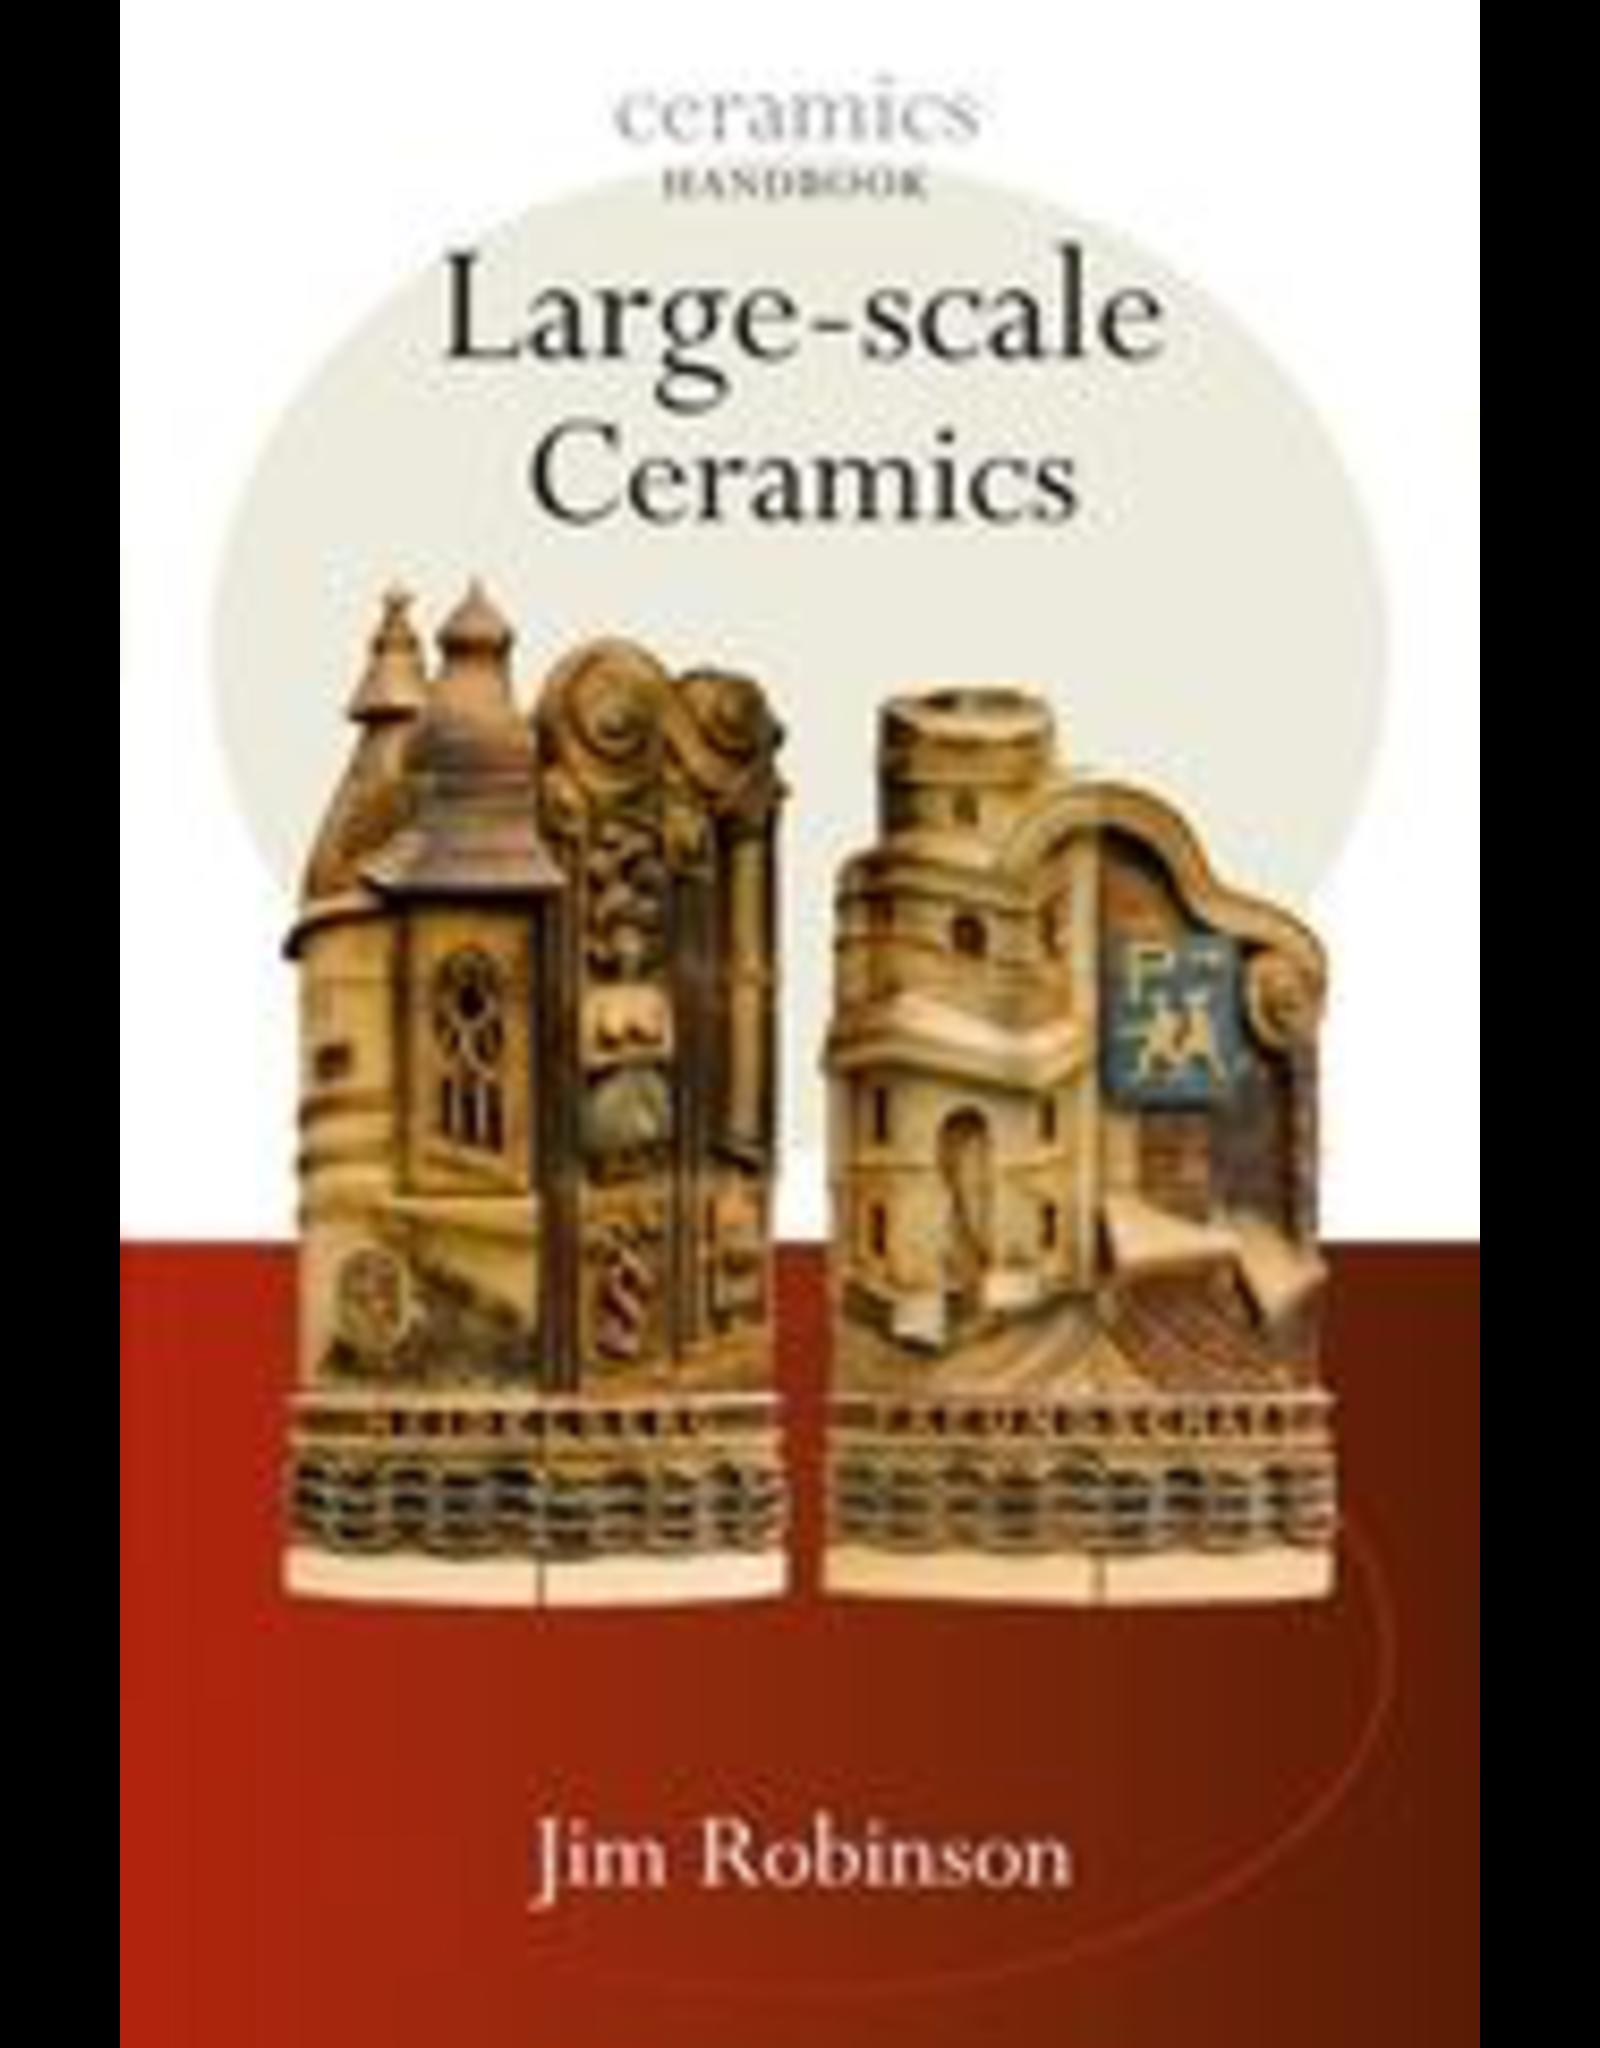 Large Scale Ceramics